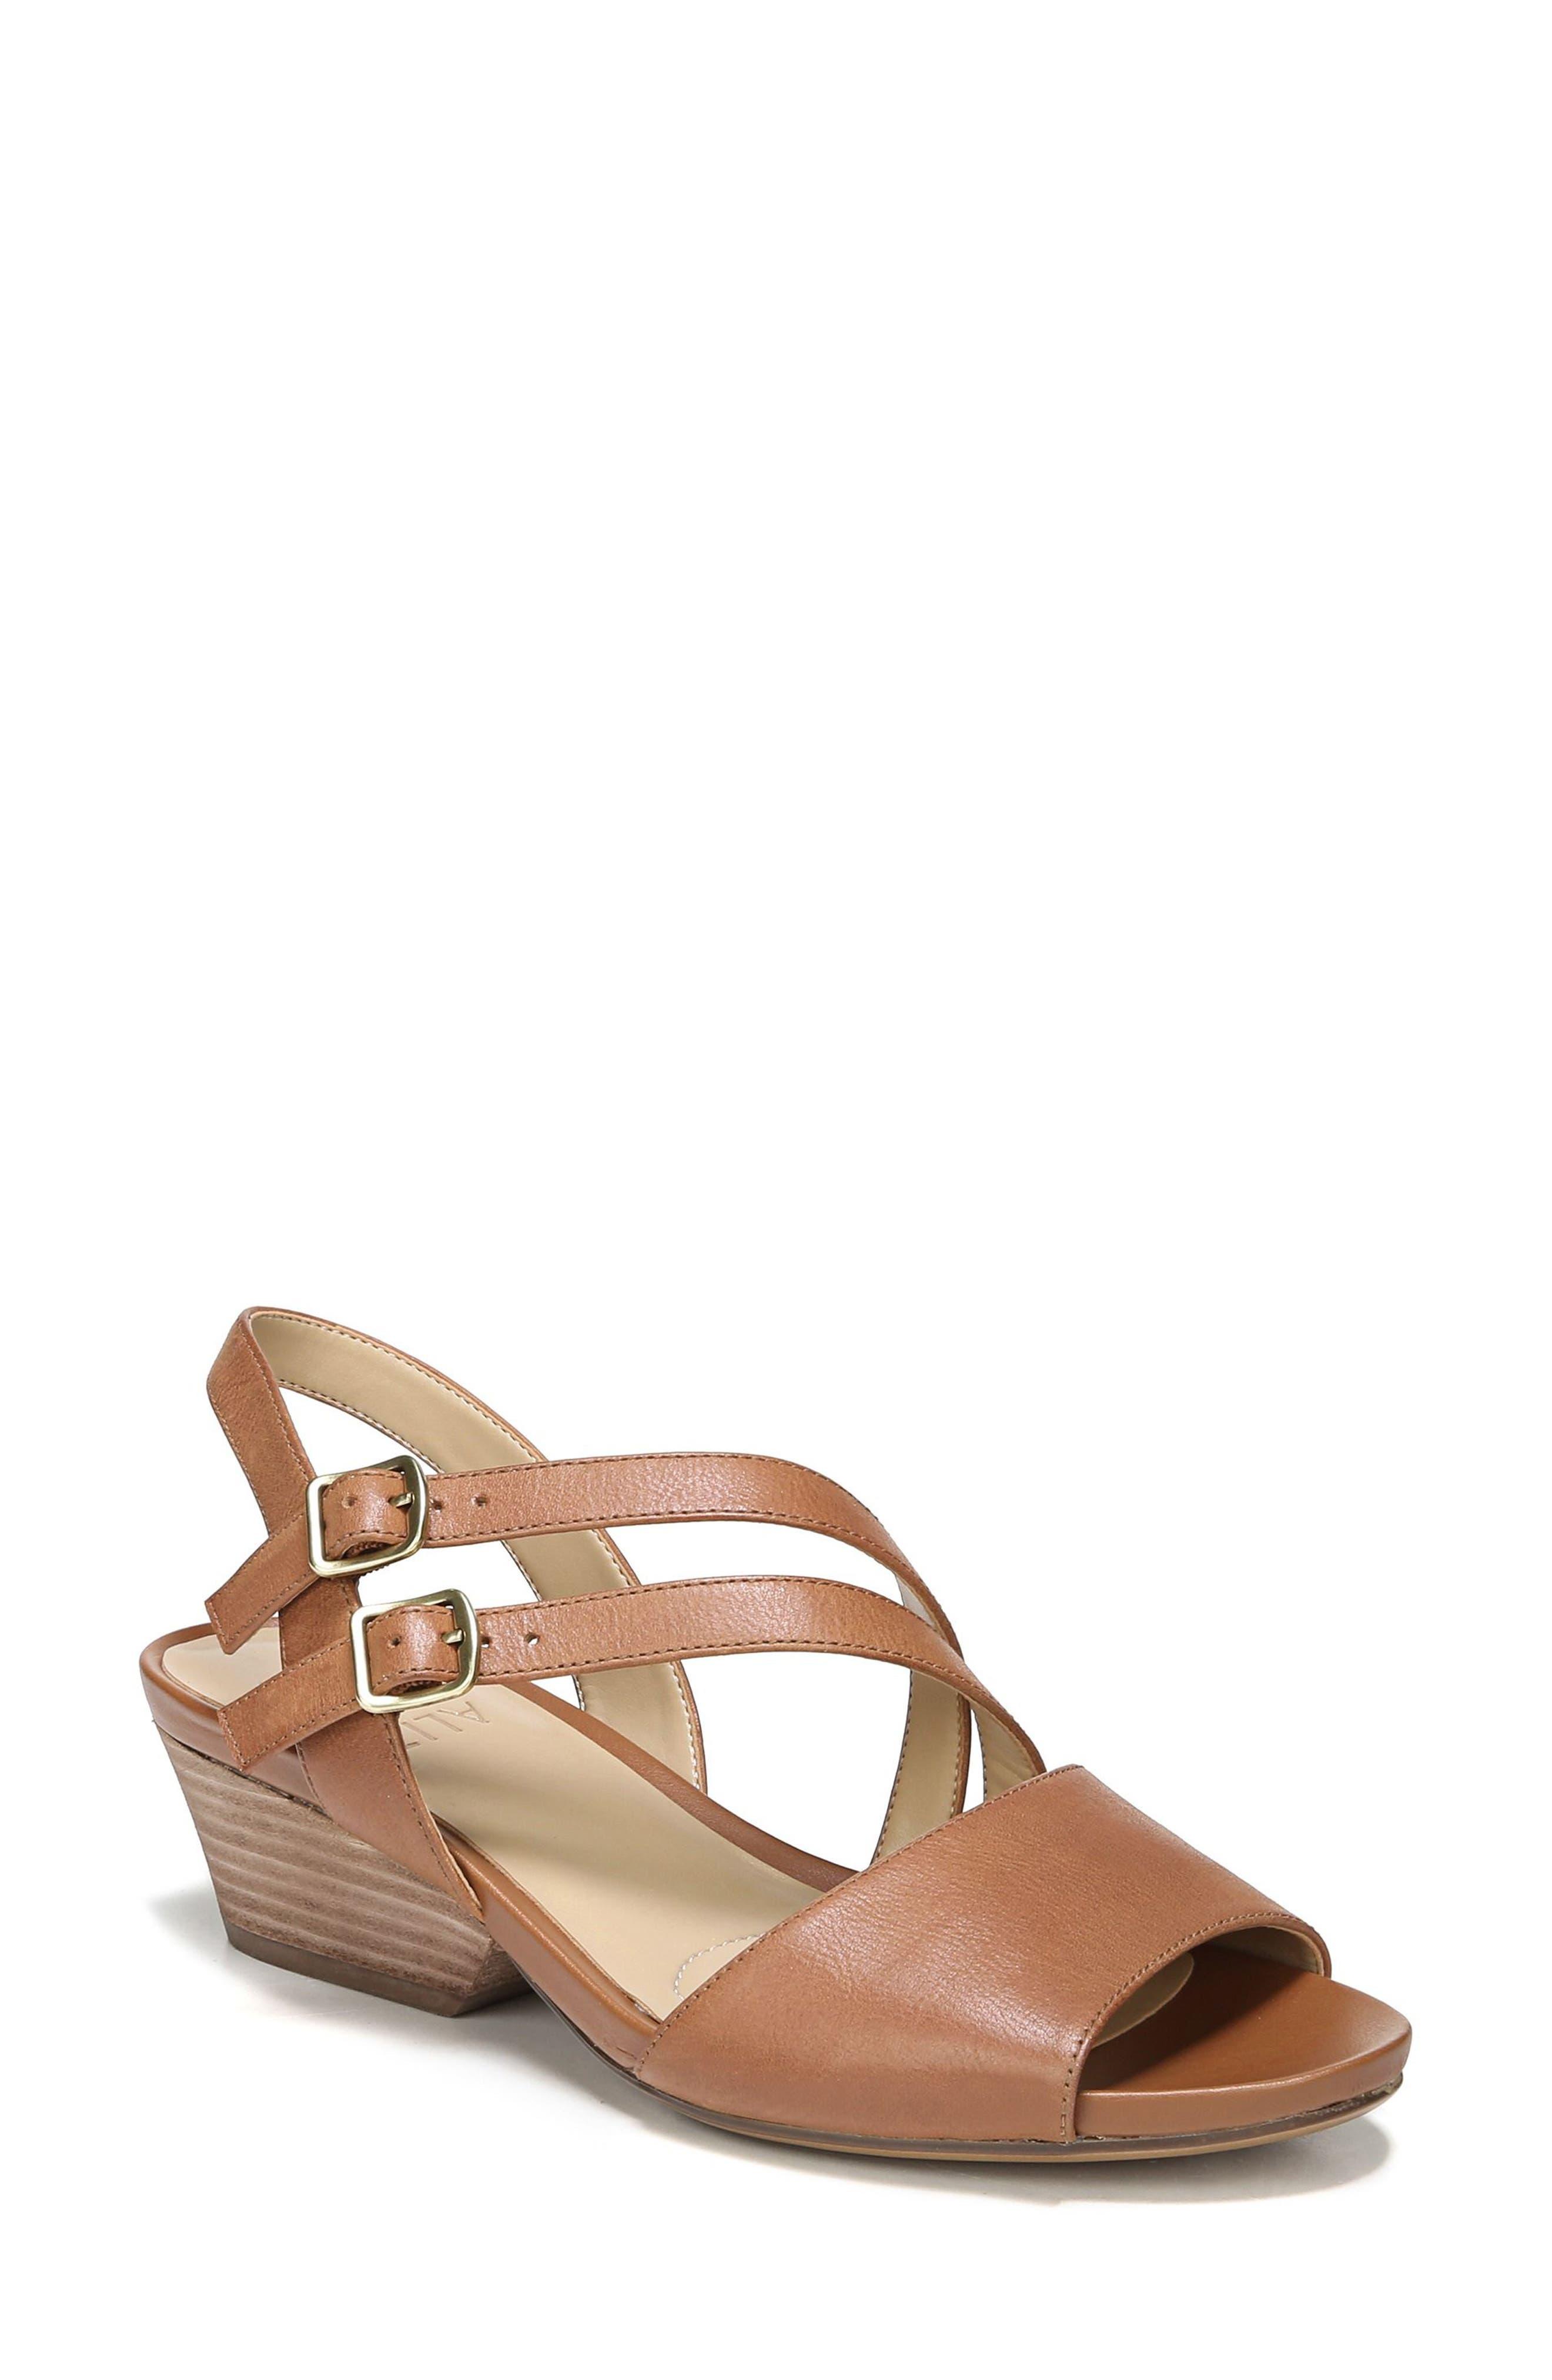 Gigi Sandal,                             Main thumbnail 1, color,                             Light Maple Leather